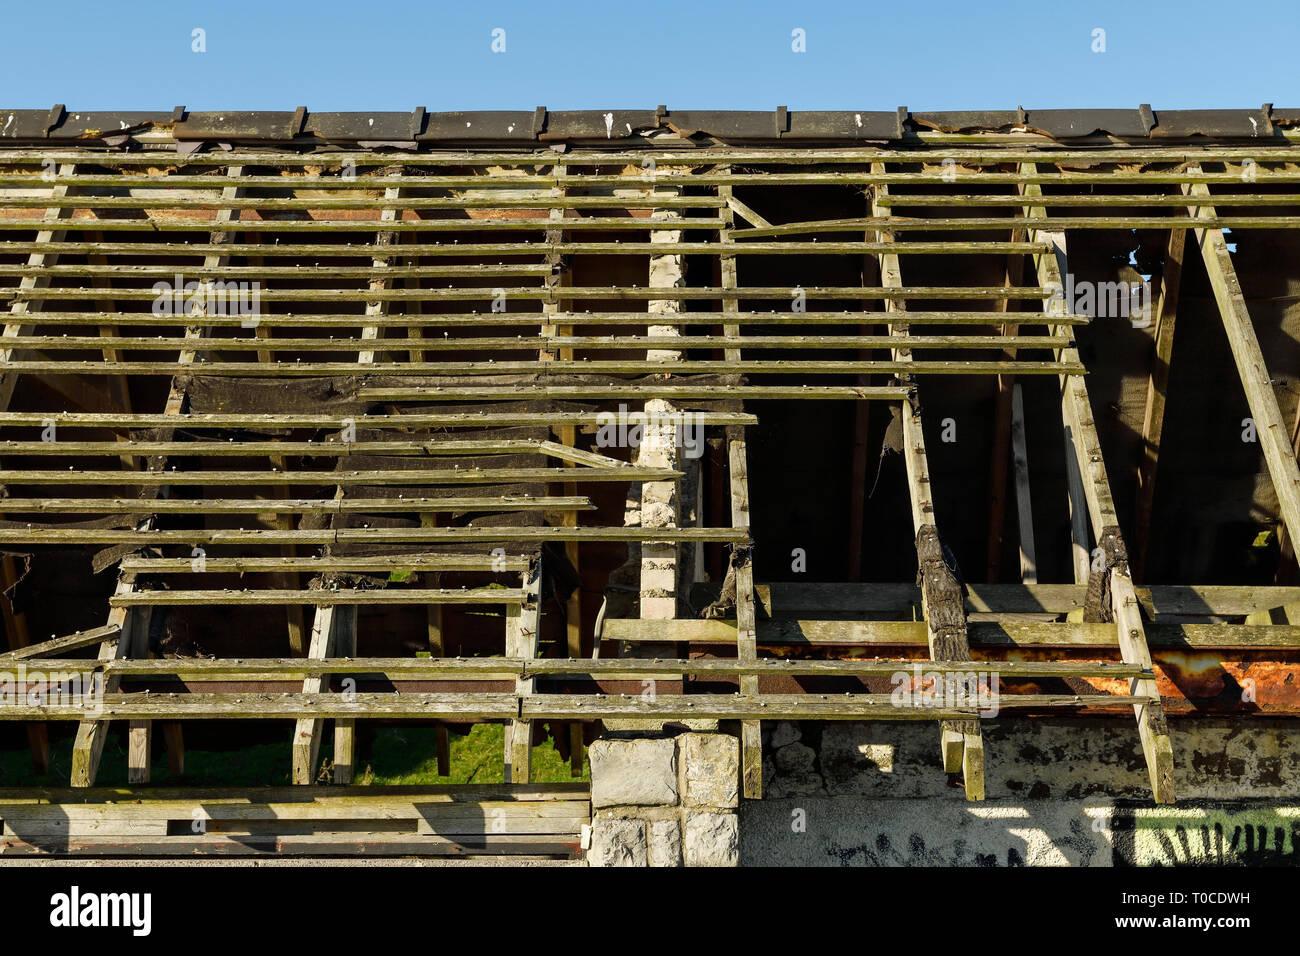 Una estructura de techo abandonados en un edificio abandonado Foto de stock